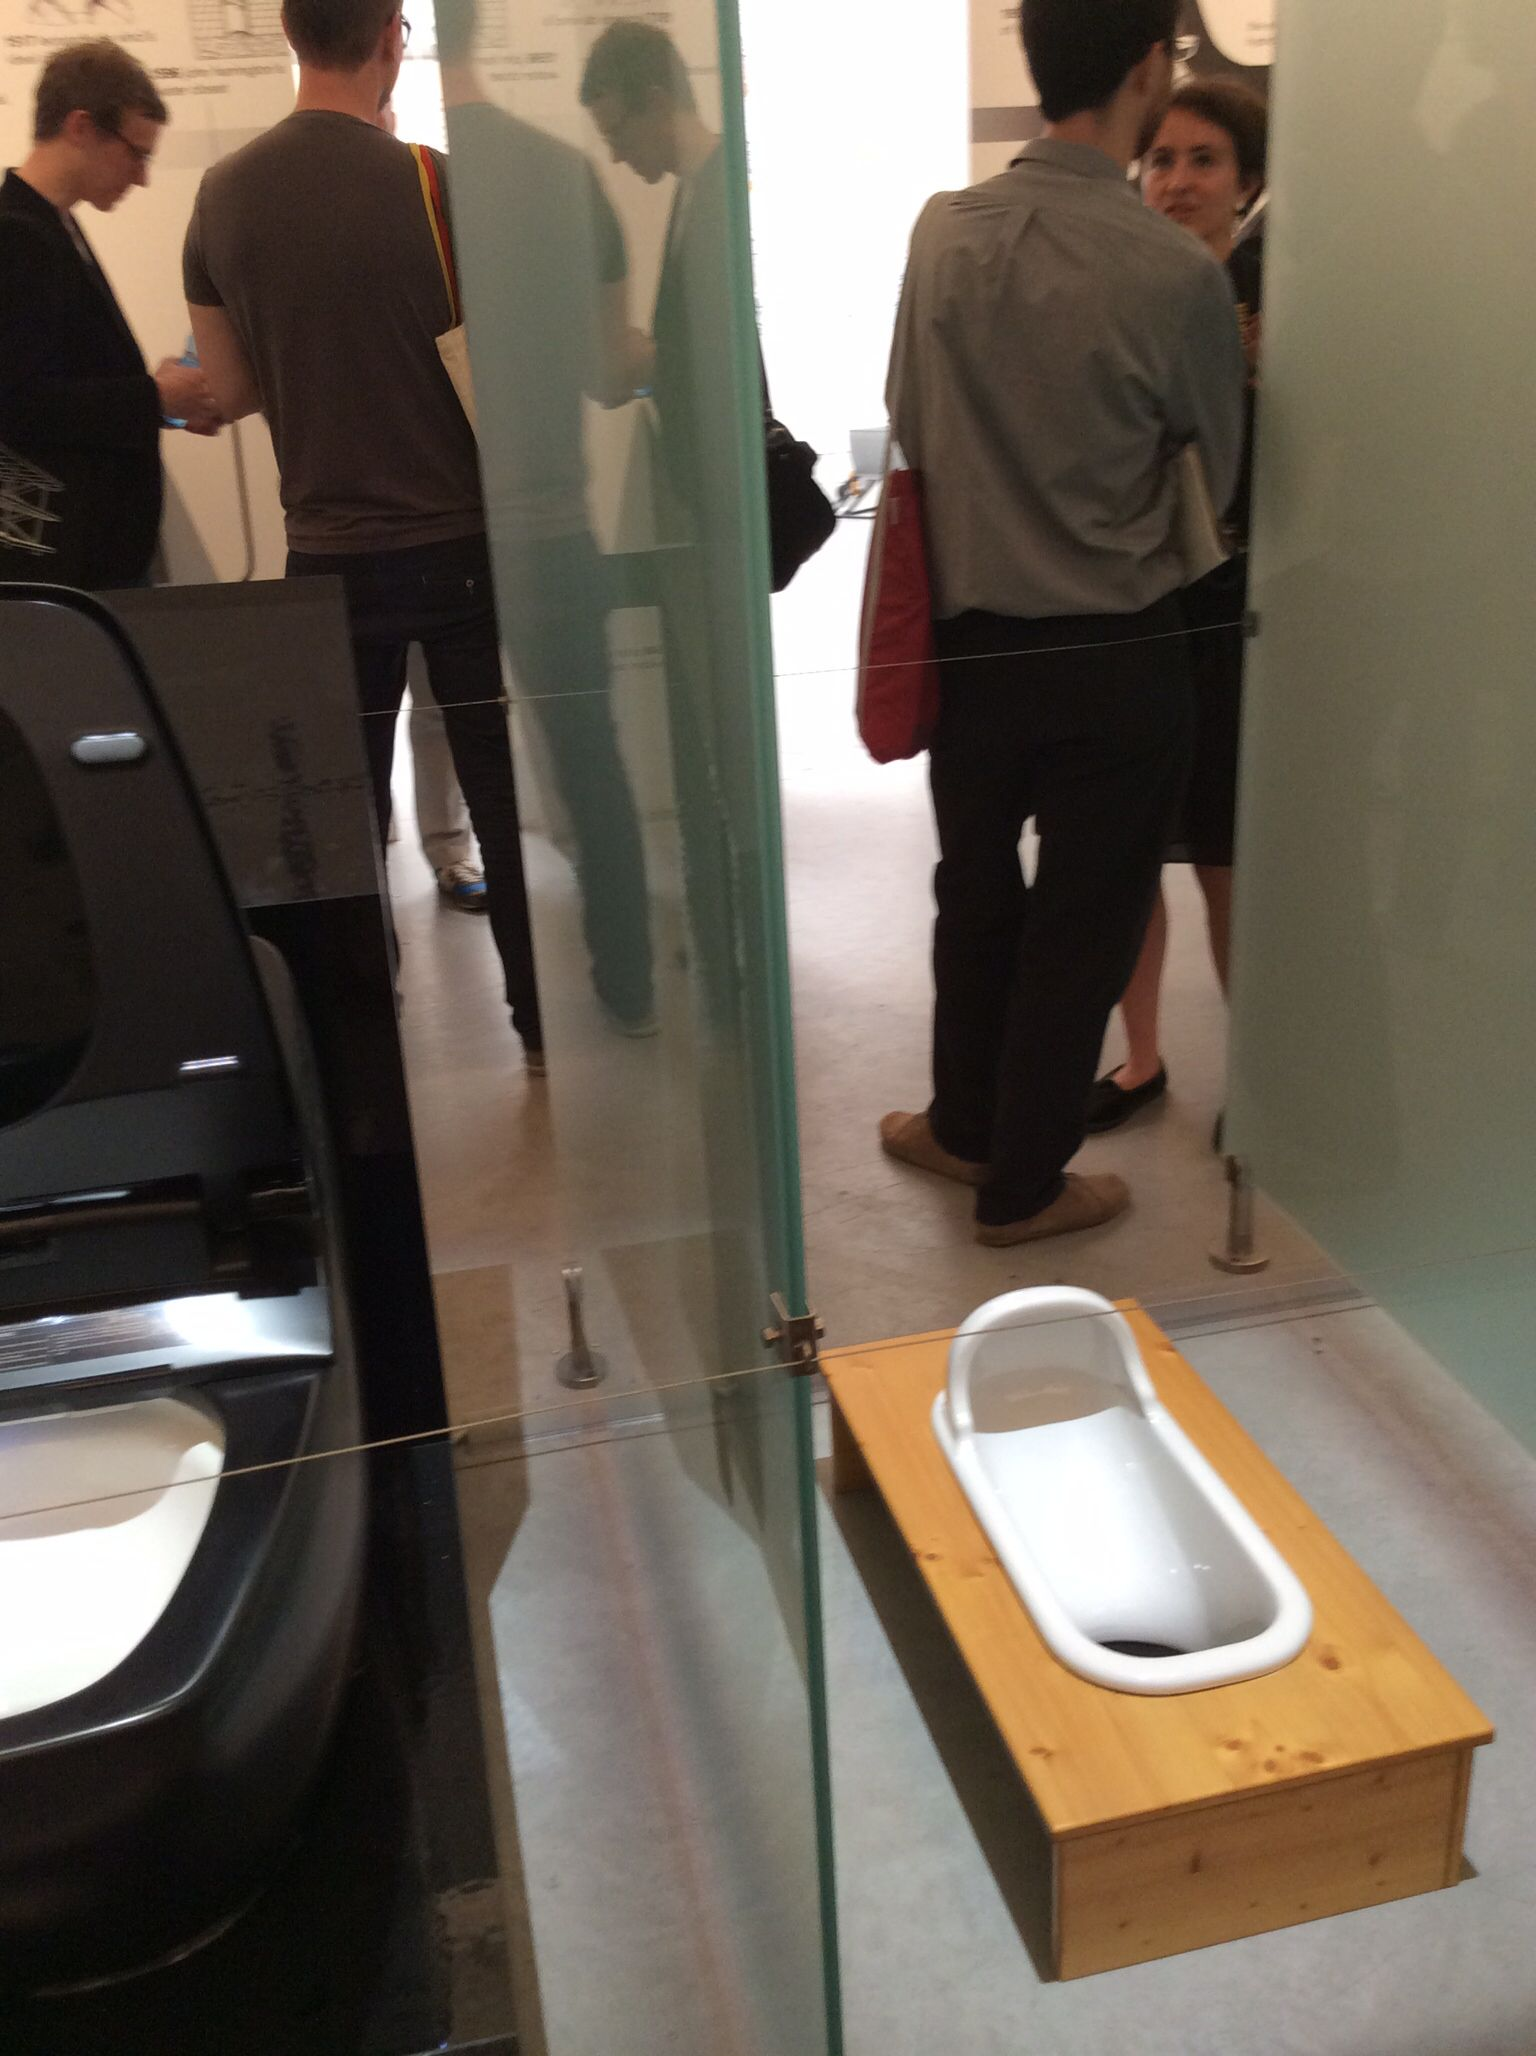 Biennale Architettura 2014, Foundamentals by Koolhaas, gabinetti dal '700 a oggi